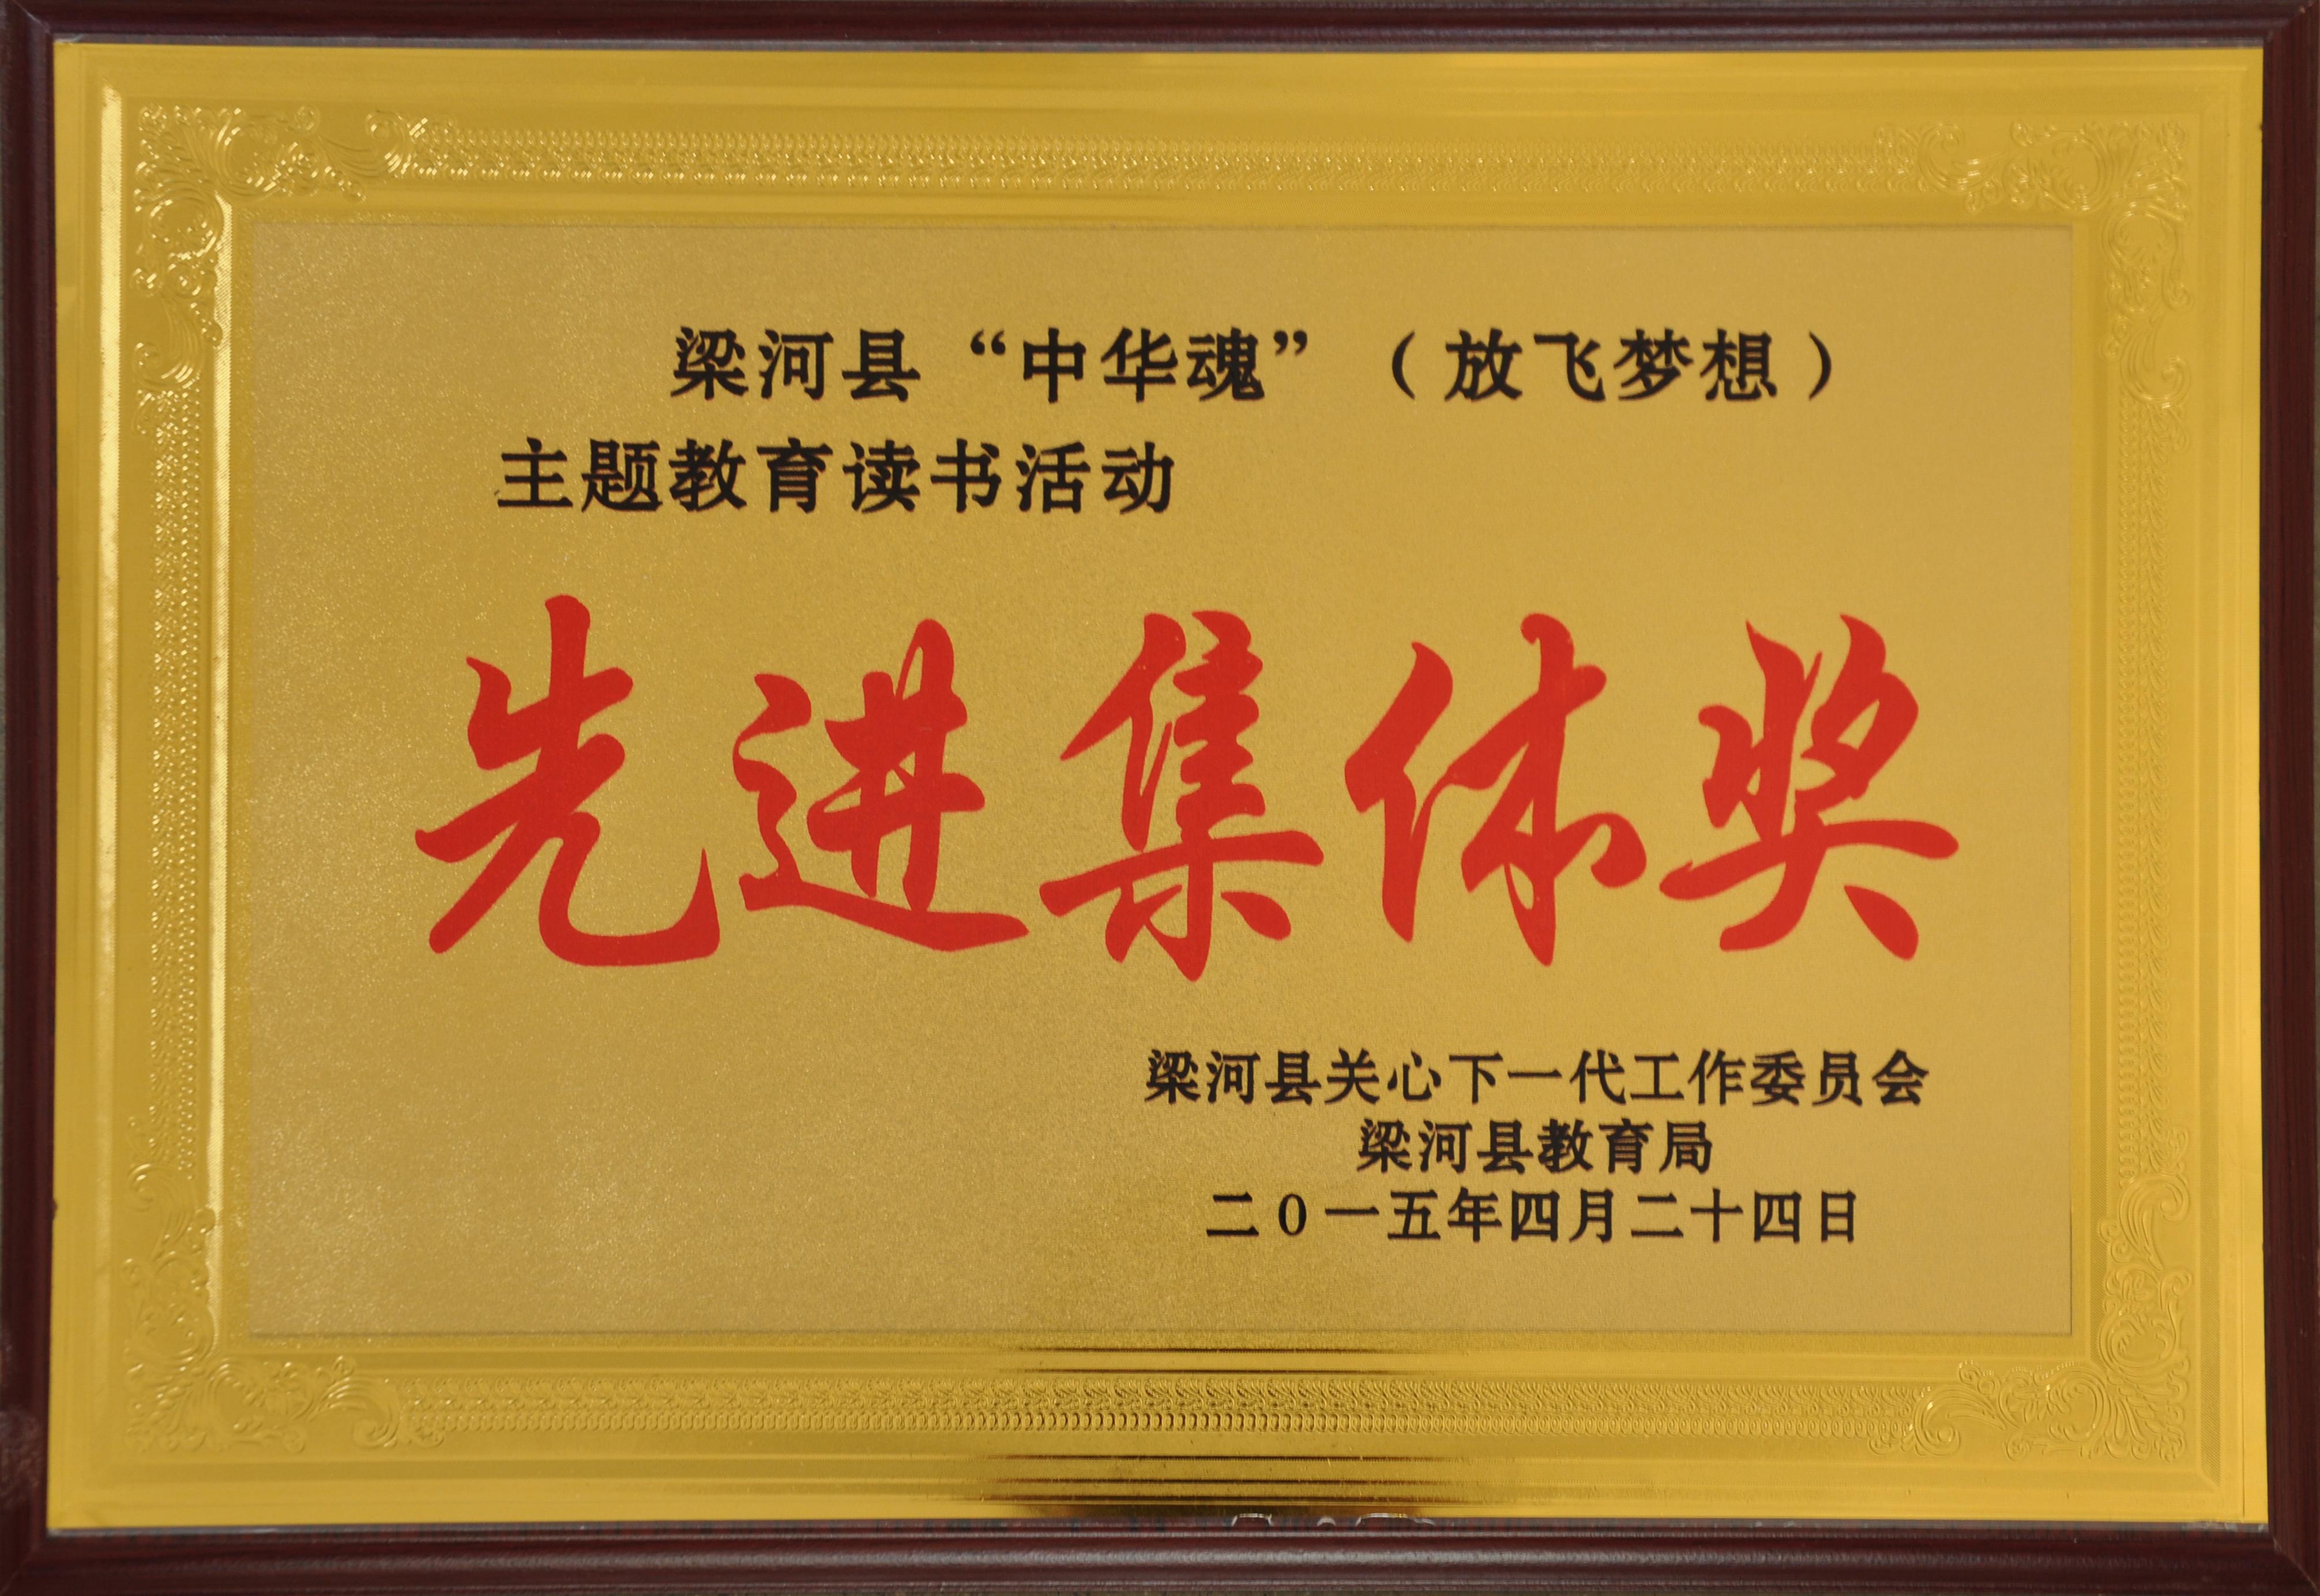 """梁河县""""中华魂""""(放飞梦想)主题教育读书活动先进集体奖"""